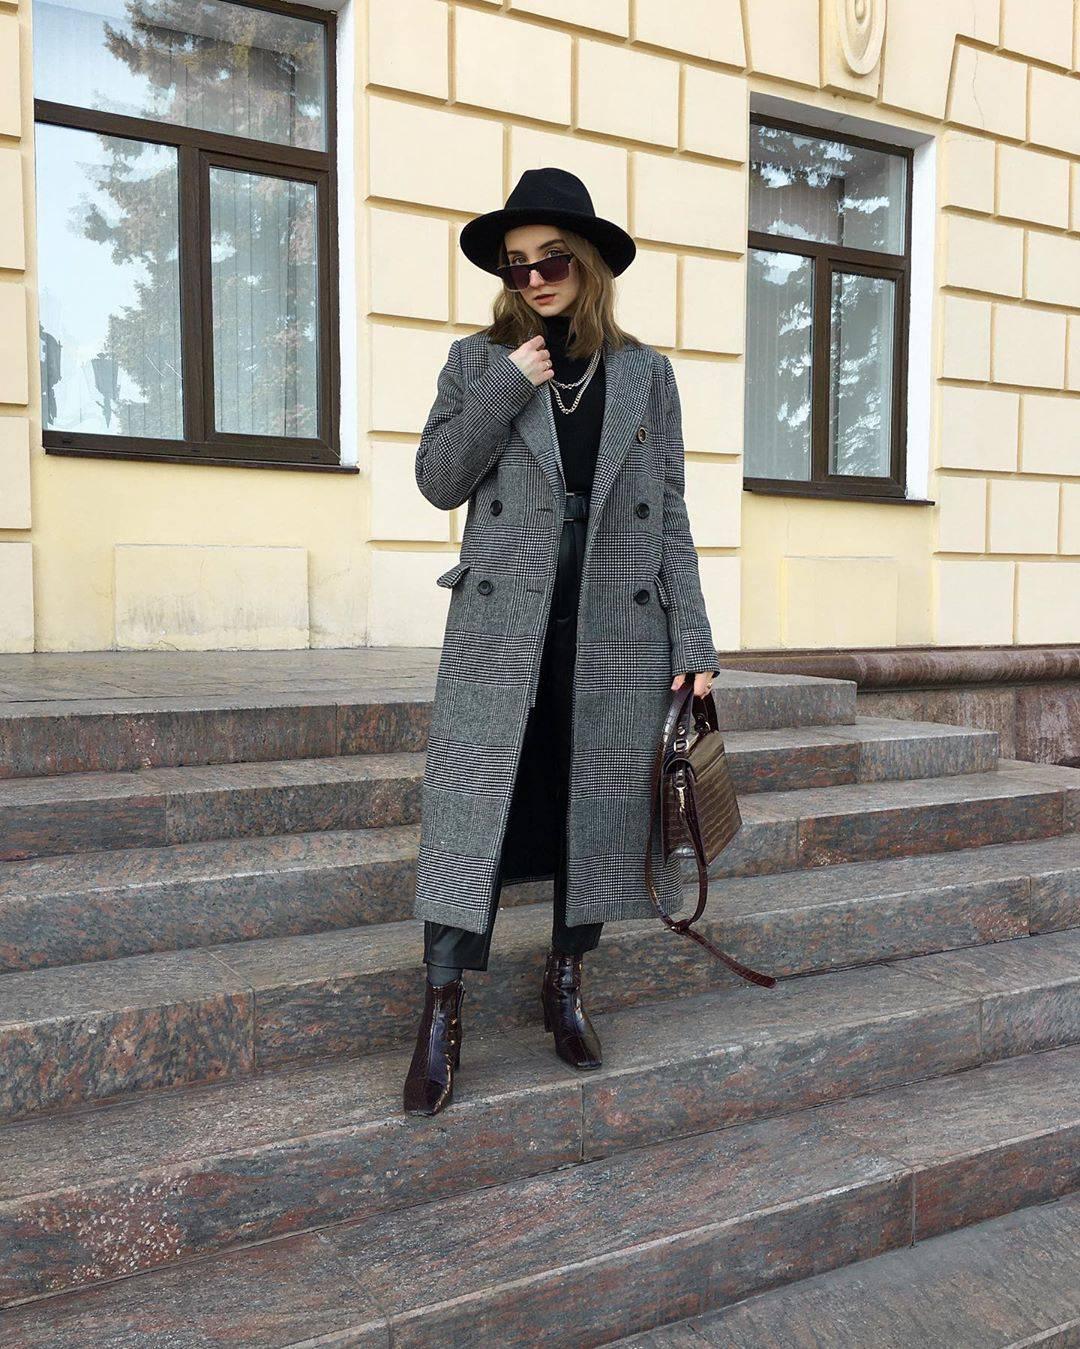 最高気温4度・最低気温2度 marr_susの服装